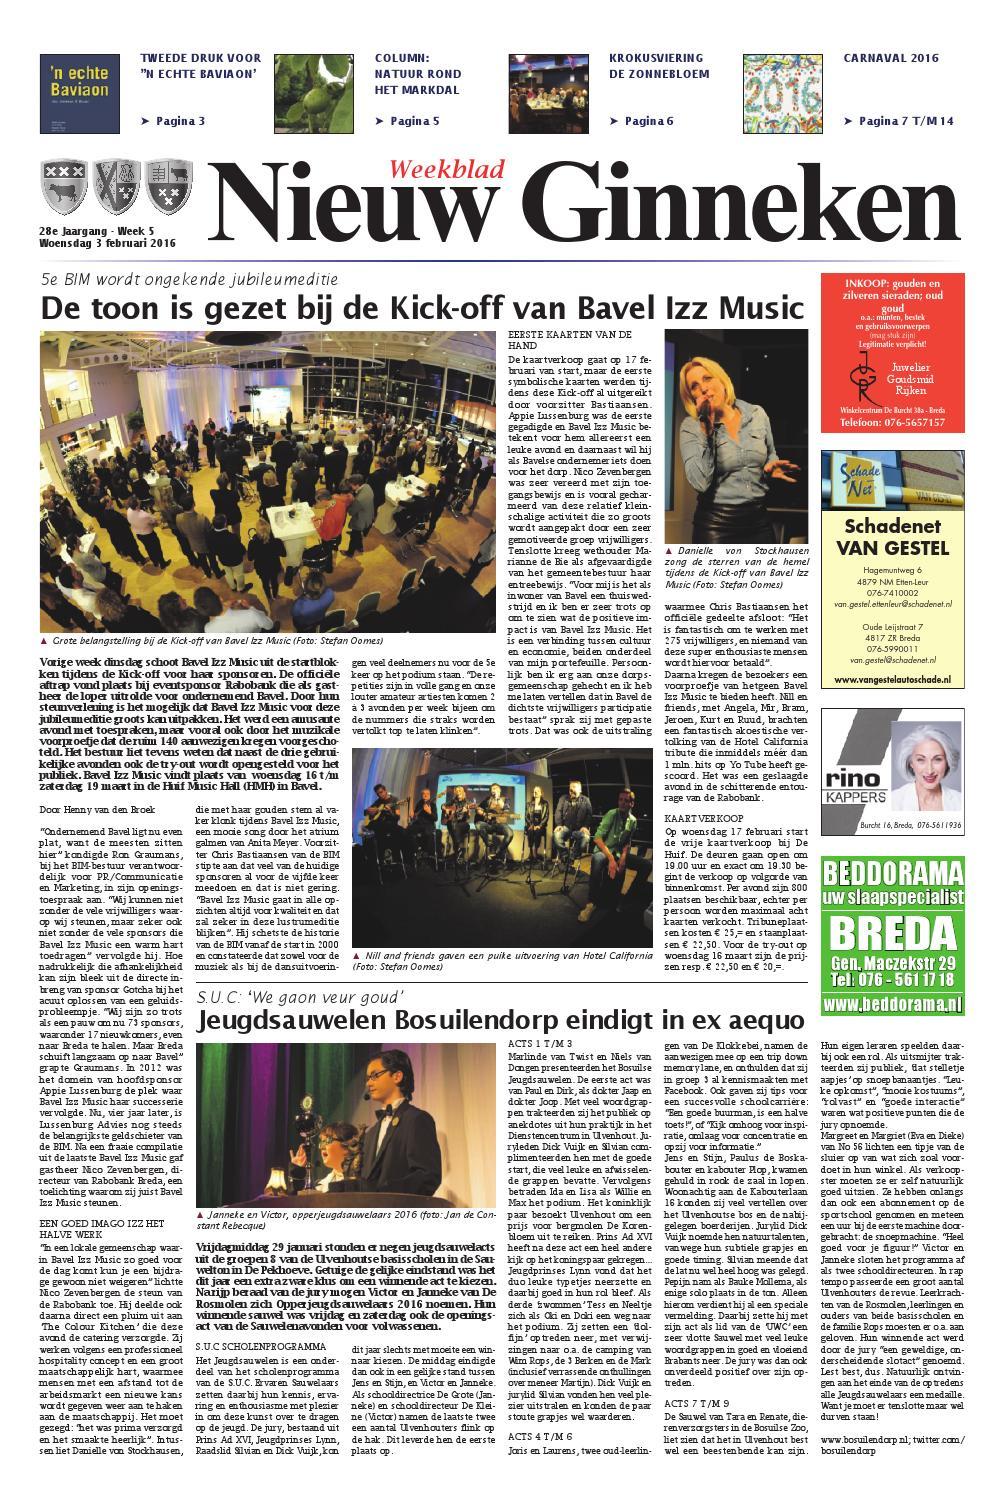 Weekblad Nieuw Ginneken 03 02 2016 By Uitgeverij Em De Jong Issuu